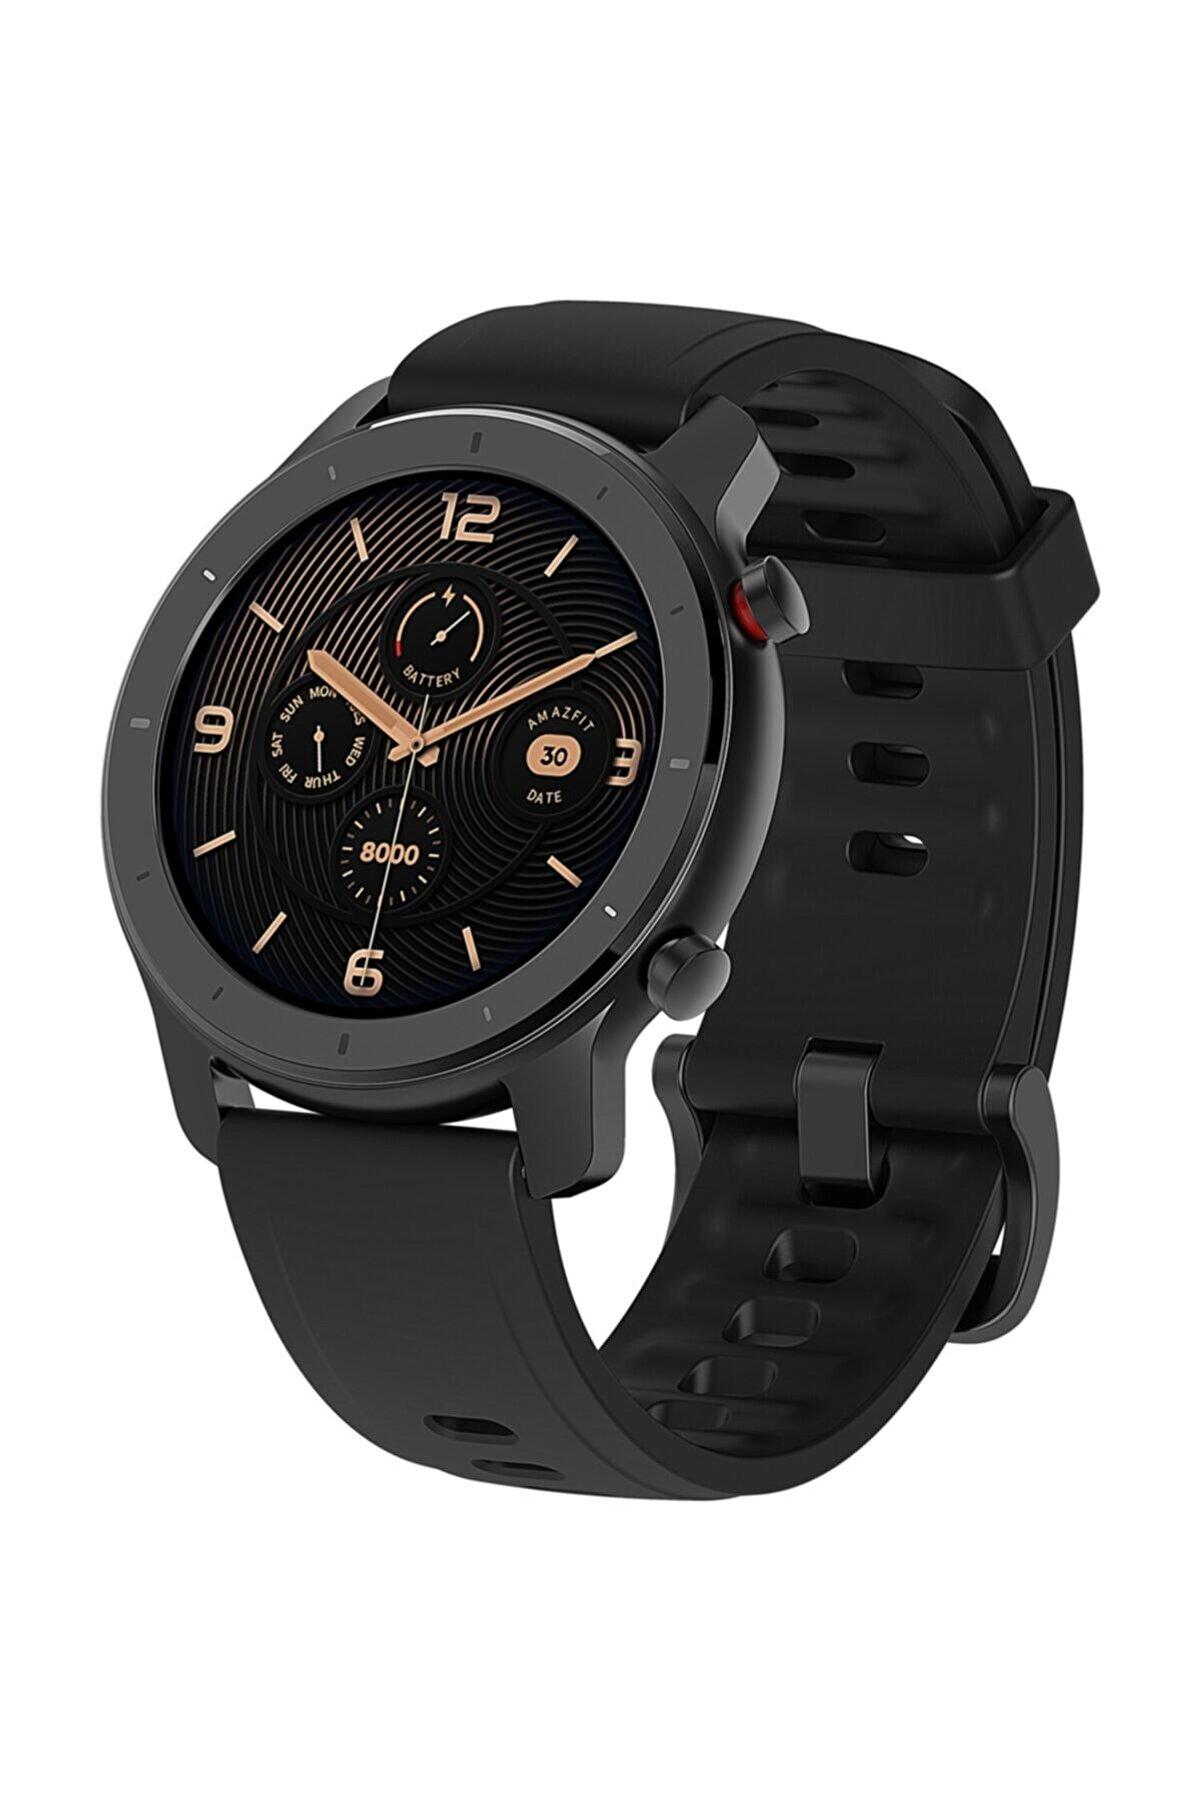 Amazfit Amazfit Gtr Akıllı Saat - Distribütör Garantili